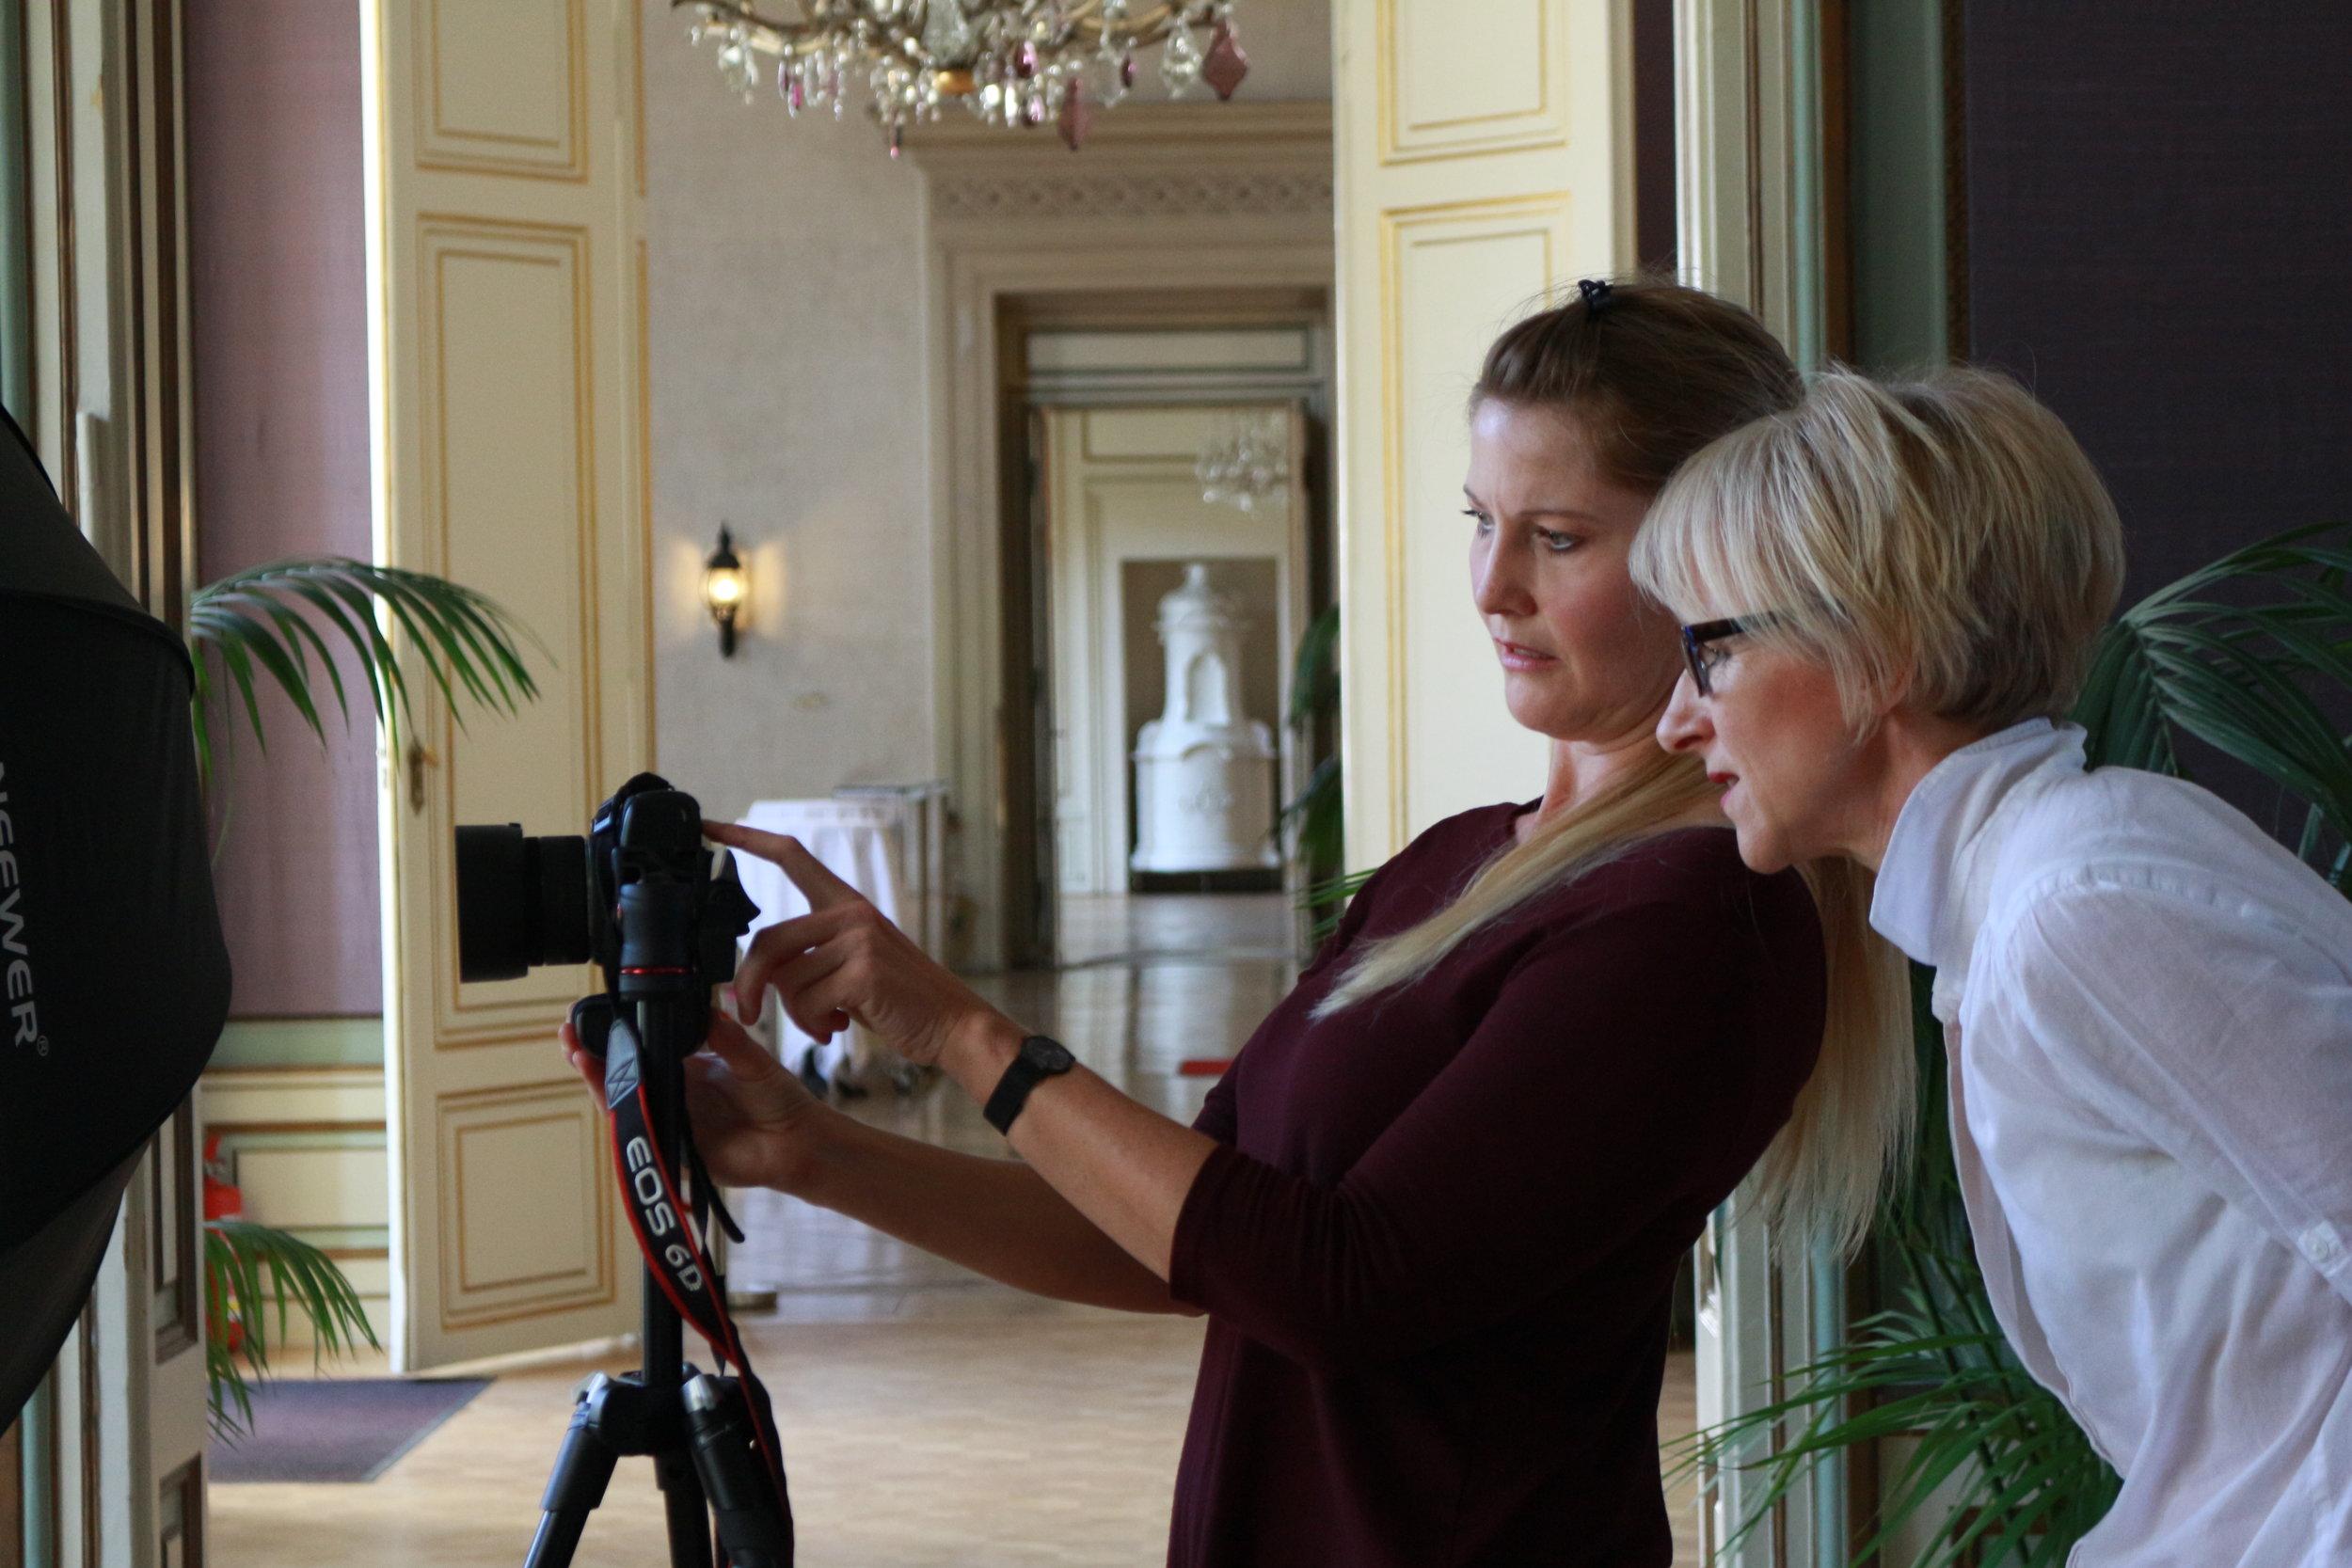 With Lizelle de Wit